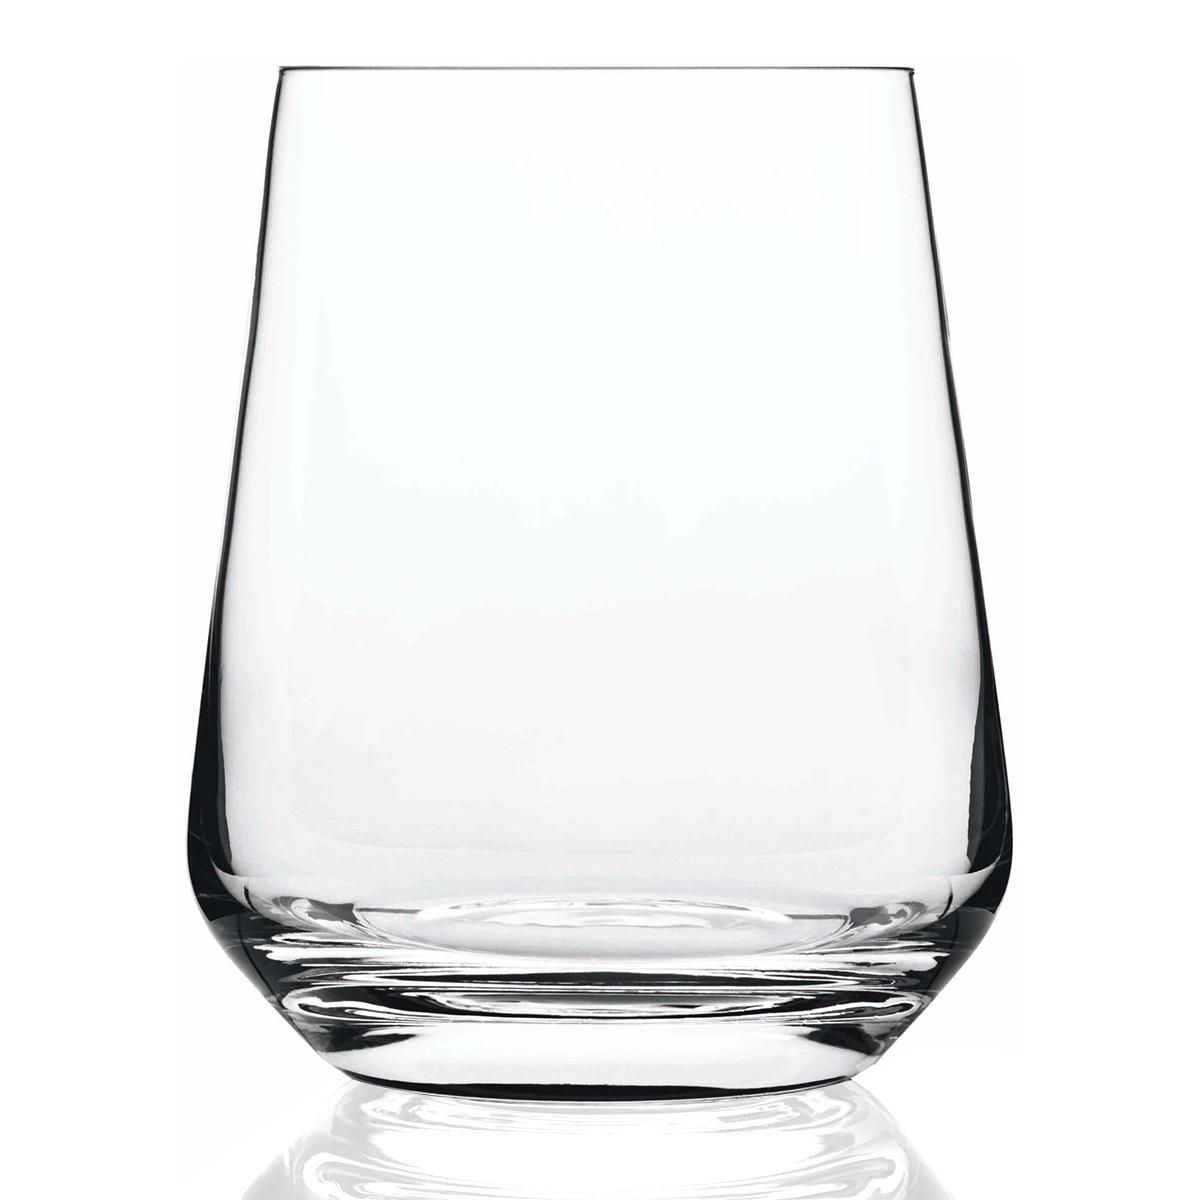 Billede af Rediger Luigi Bormioli vandglas - Eden - 6 stk.